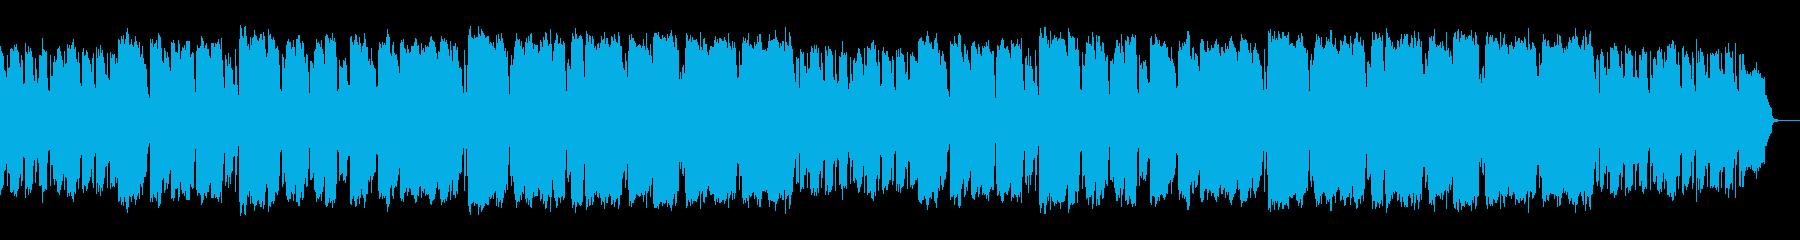 しとやかで優しい旋律をサックスが奏でますの再生済みの波形